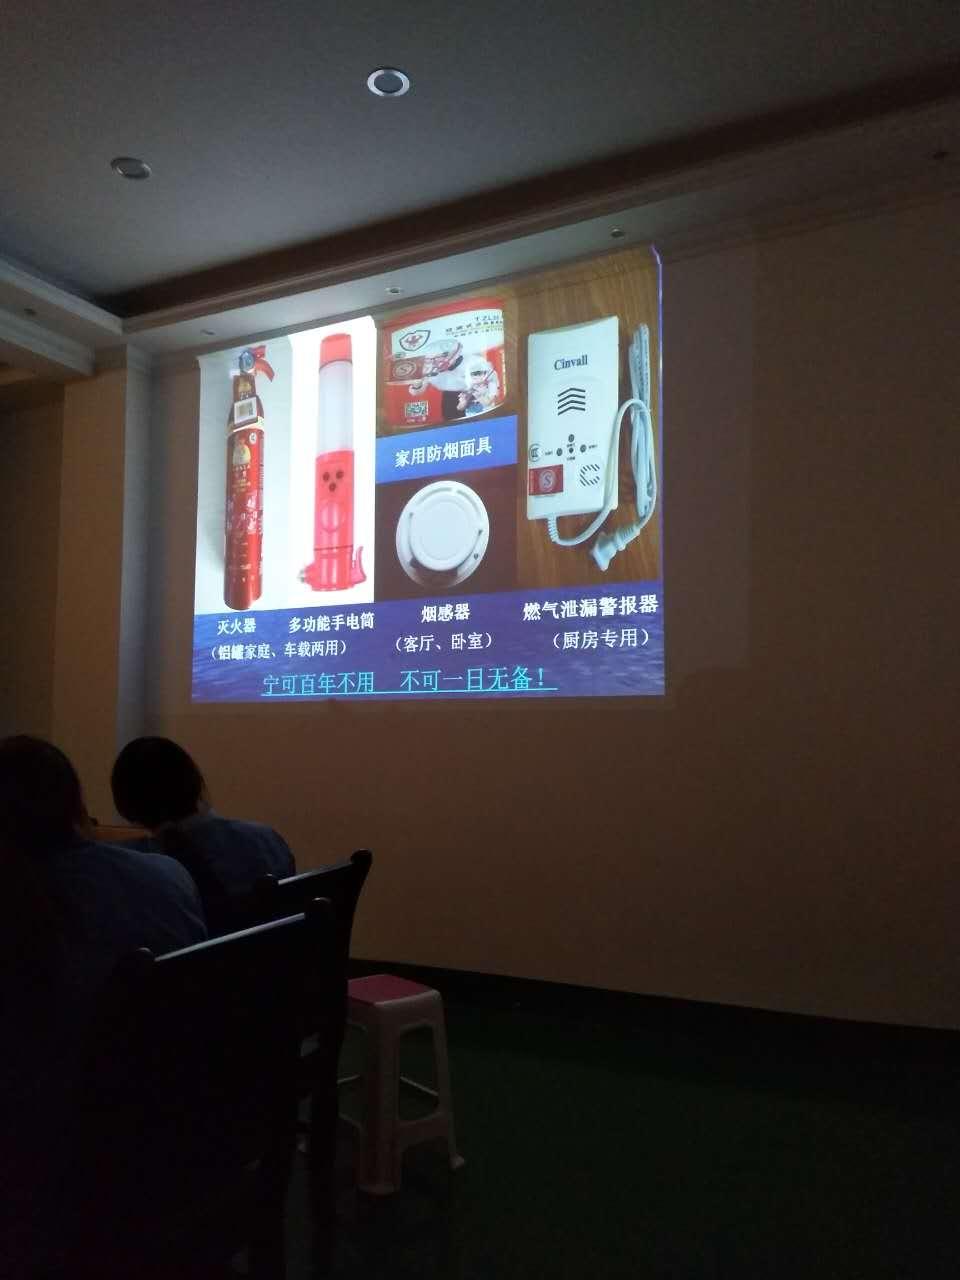 河南省政安防火中心李教官来司进行消防培训并指导员工进行灭火器使用的演练